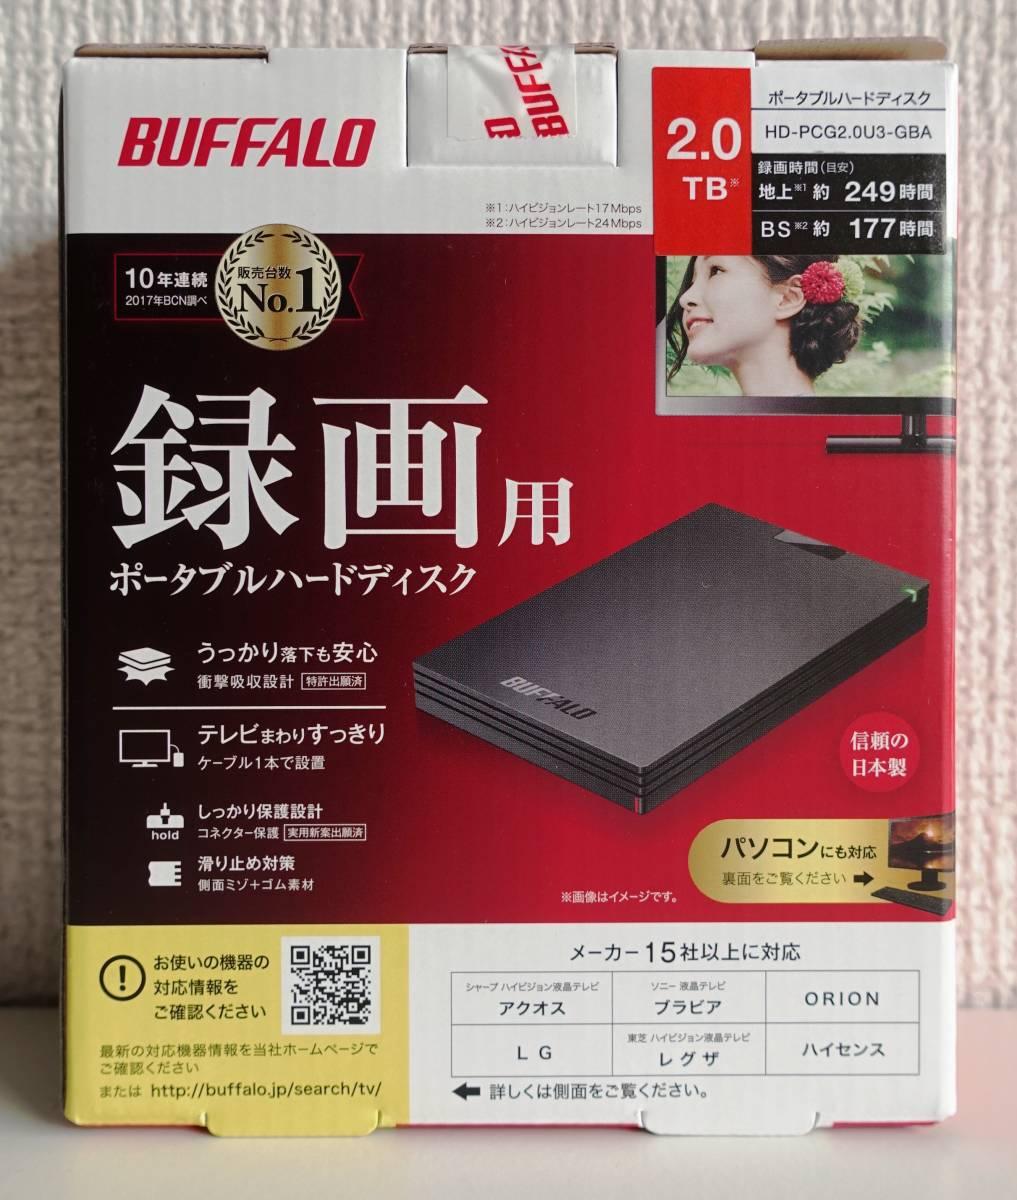 ☆★バッファロー製 BUFFALO ポータブル外付けハードディスク 2.0TB・ミニステーション HD-PCG2.0U3-GBA [ブラック]★新品未開封☆